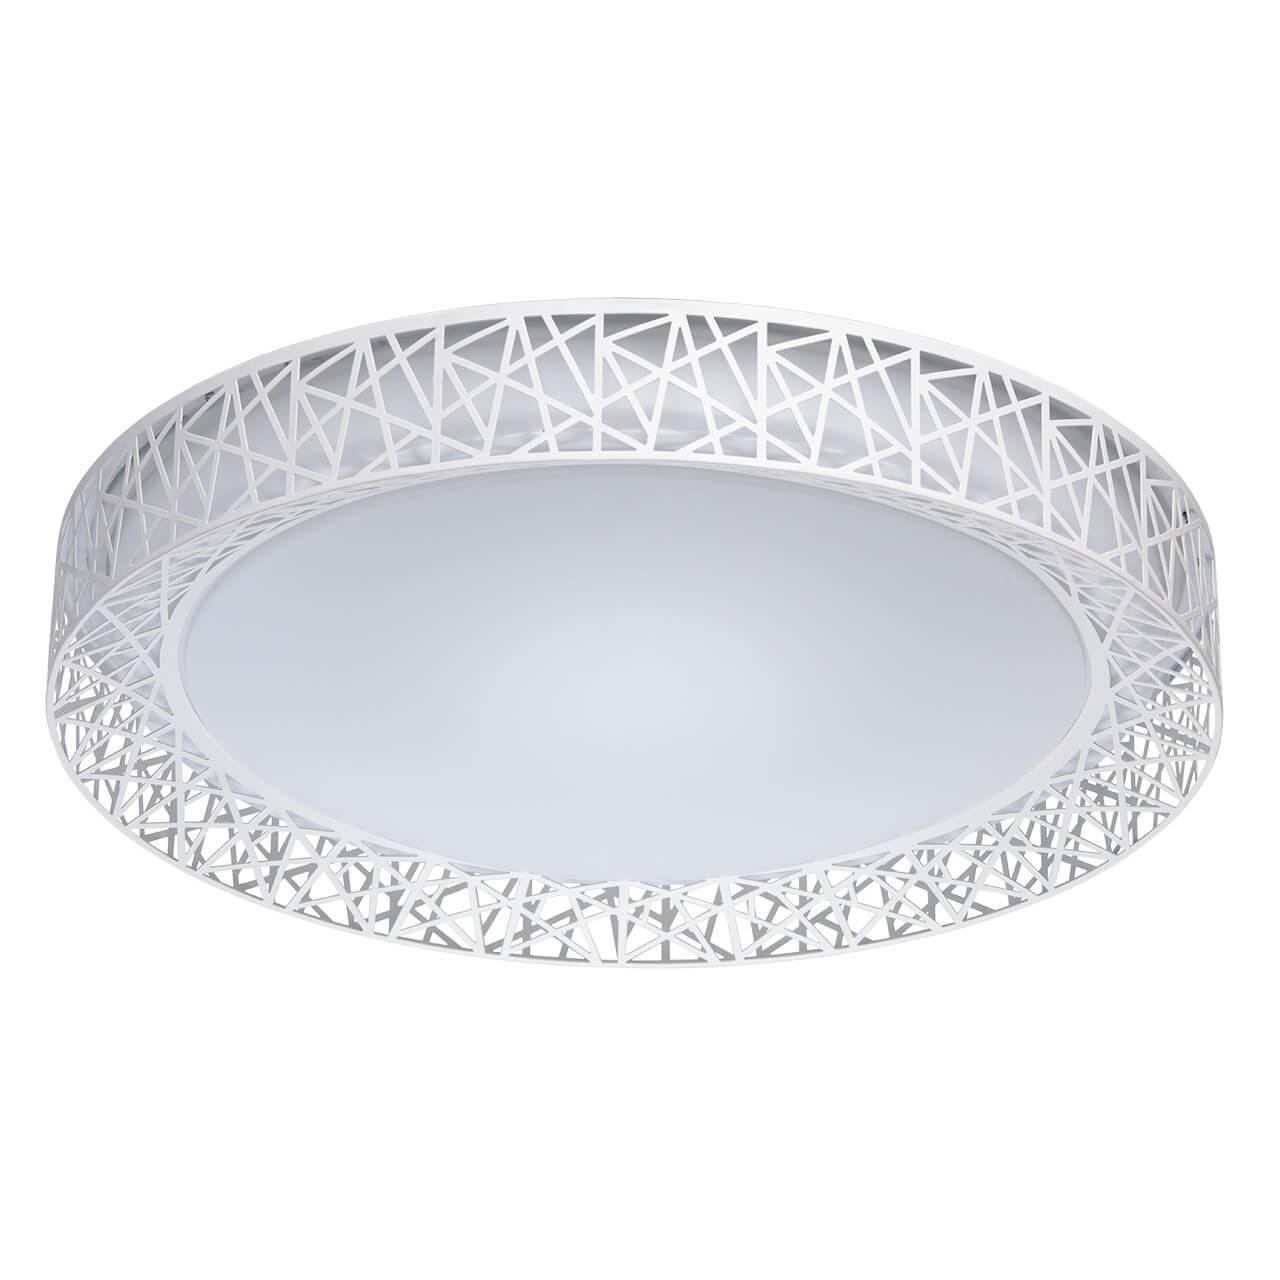 Накладной светильник De Markt 674012401, LED, 24 Вт потолочный светодиодный светильник de markt ривз 674012101